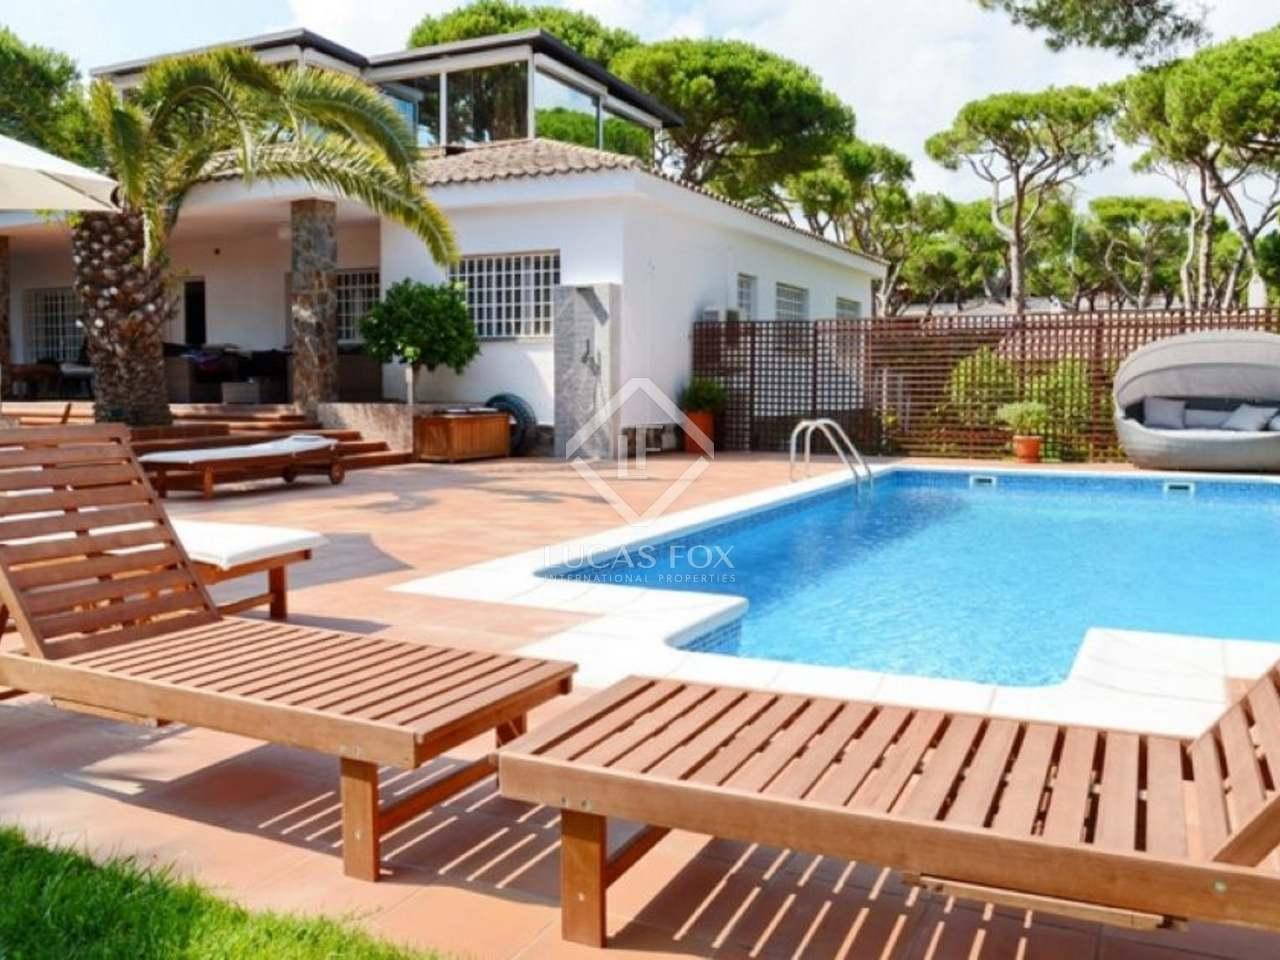 Casa en venta cerca de la playa en castelldefels for Piscina castelldefels